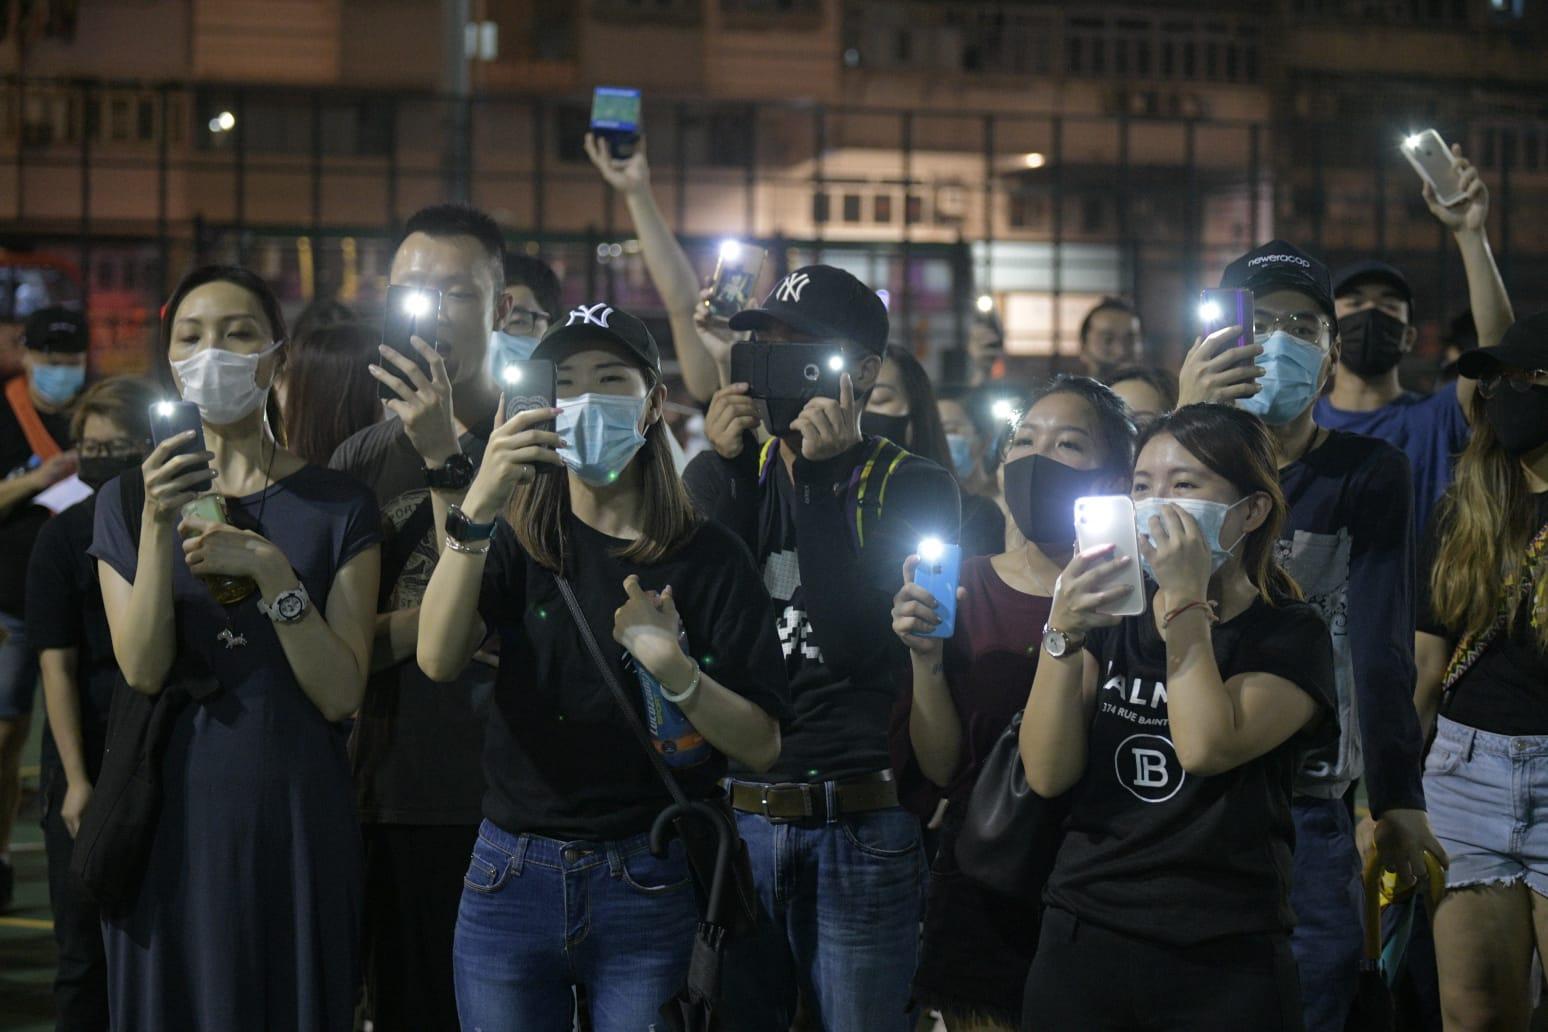 【修例风波】人群枫树街游乐场聚集亮起「手机灯海」